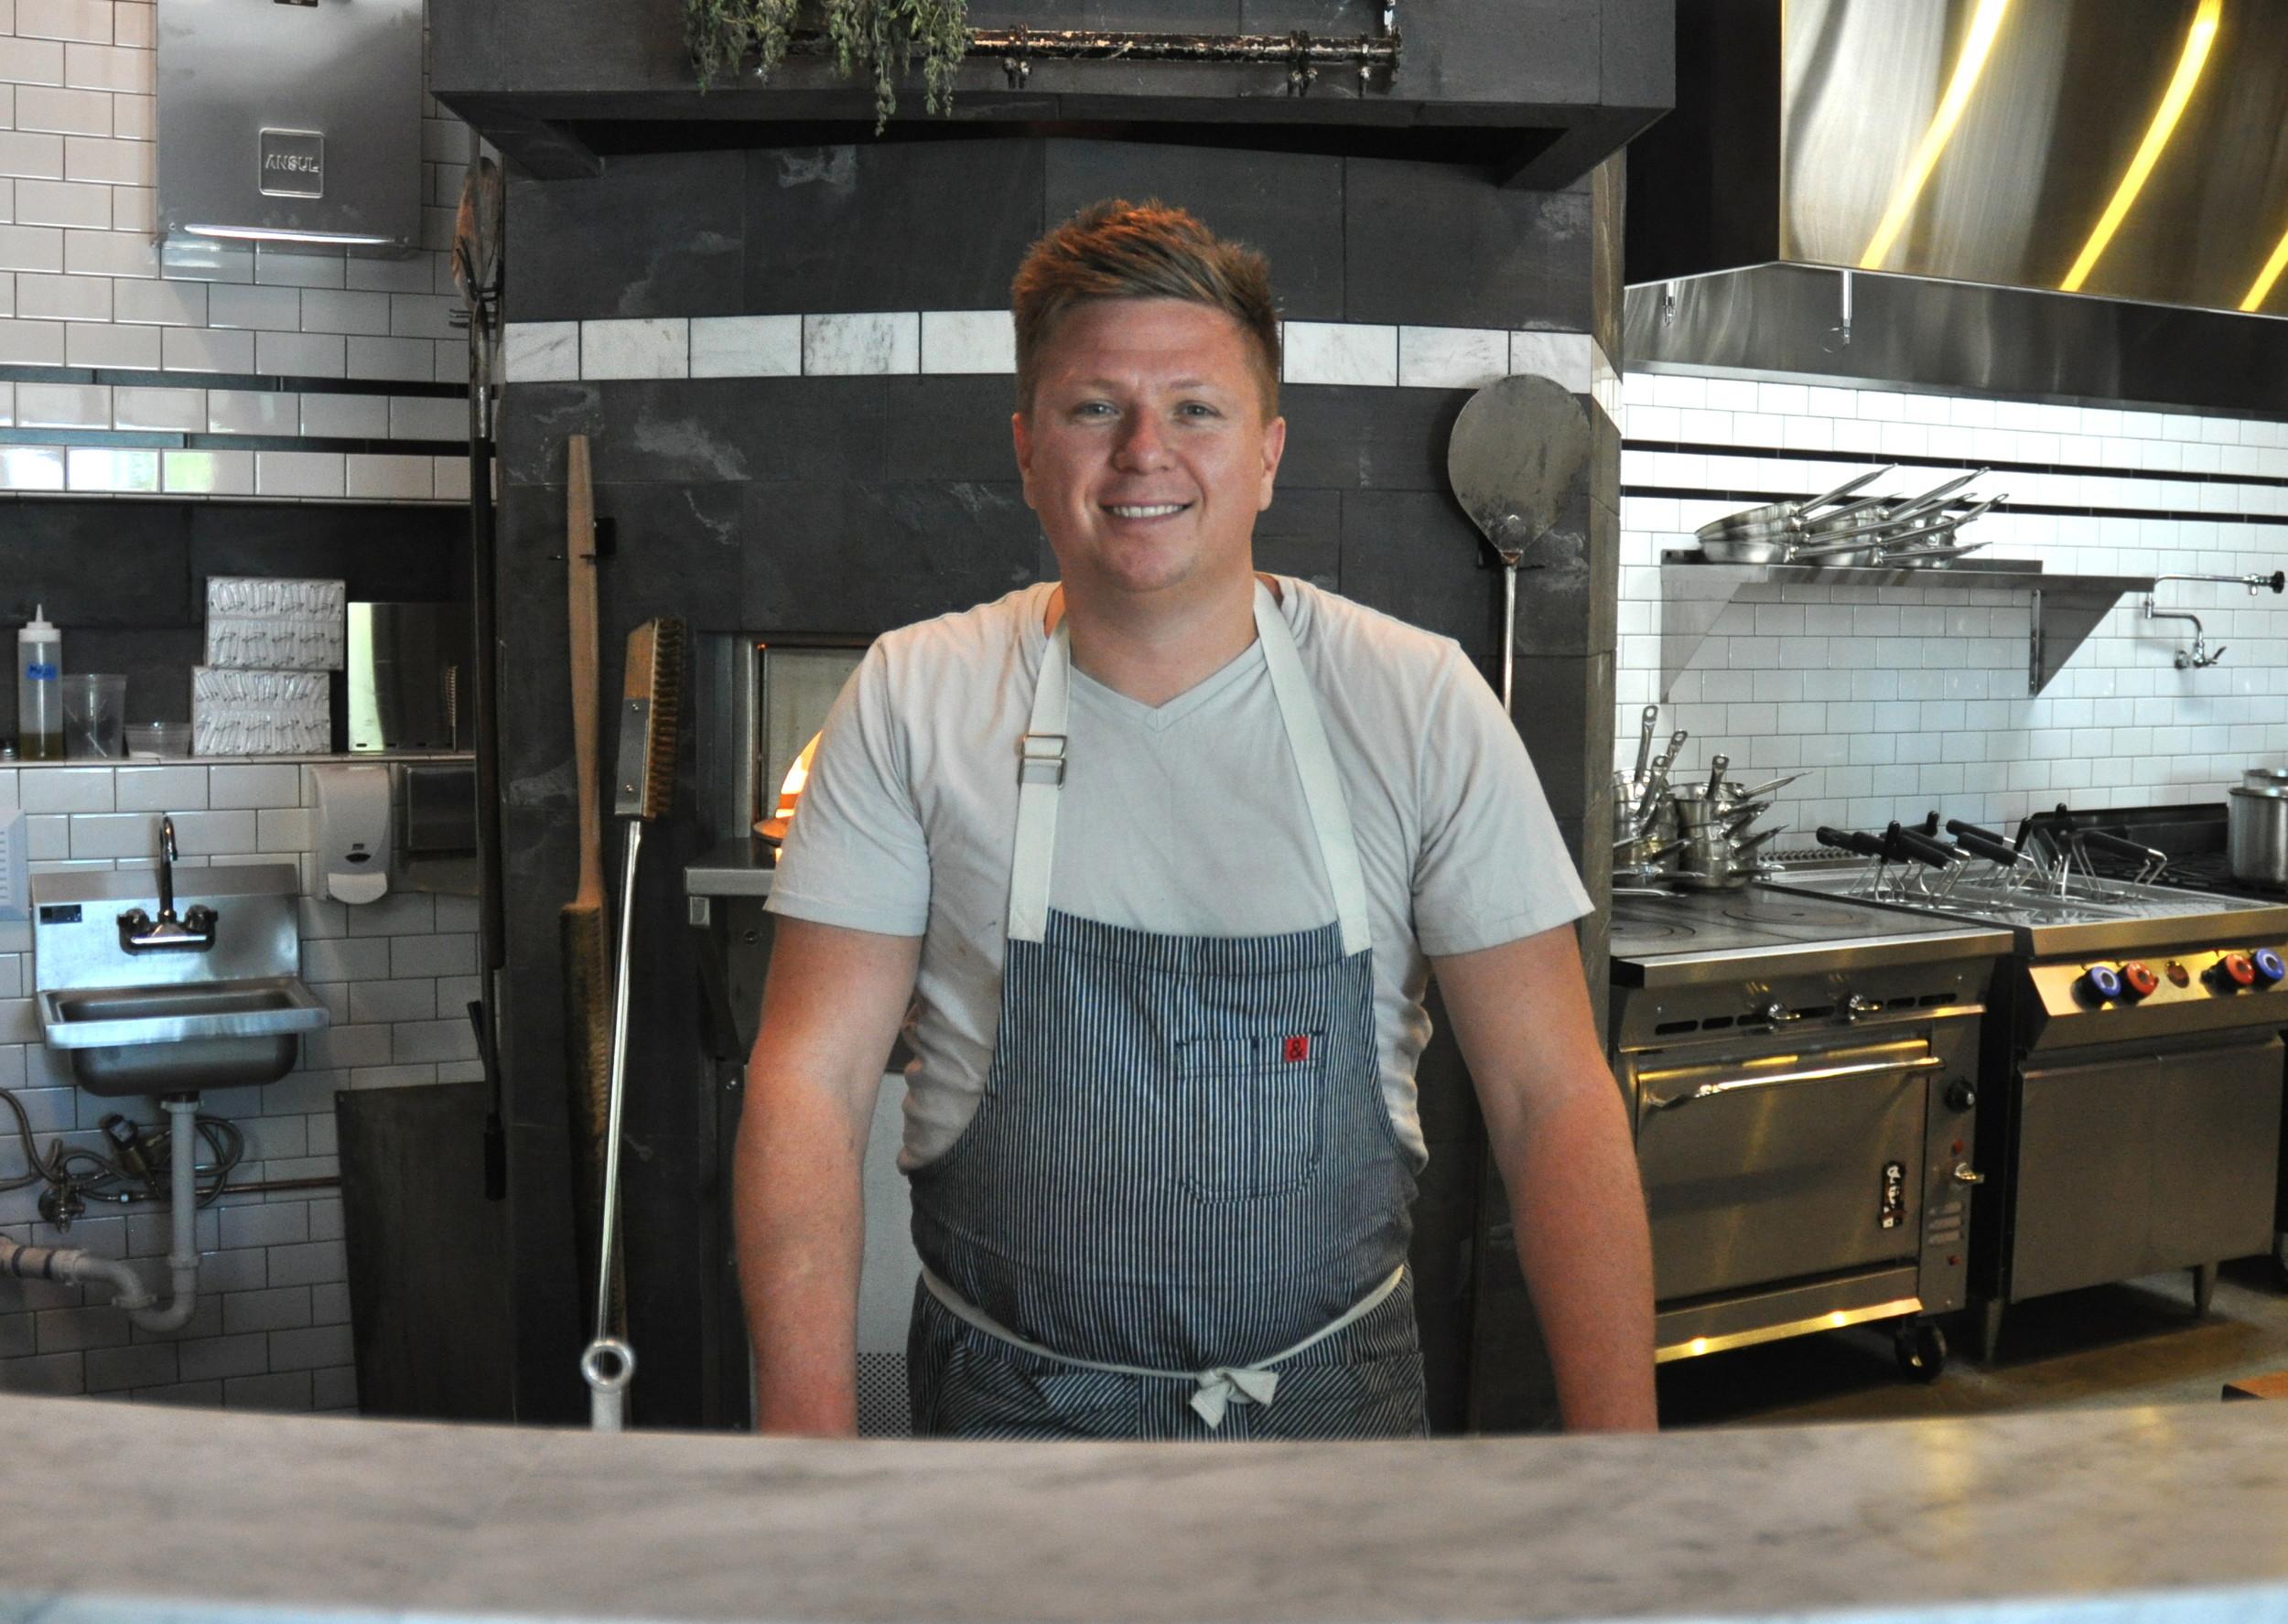 Chef Jason Stoneburner of Bastille & Stoneburner. Photo copyright 2013 by Zachary D. Lyons.